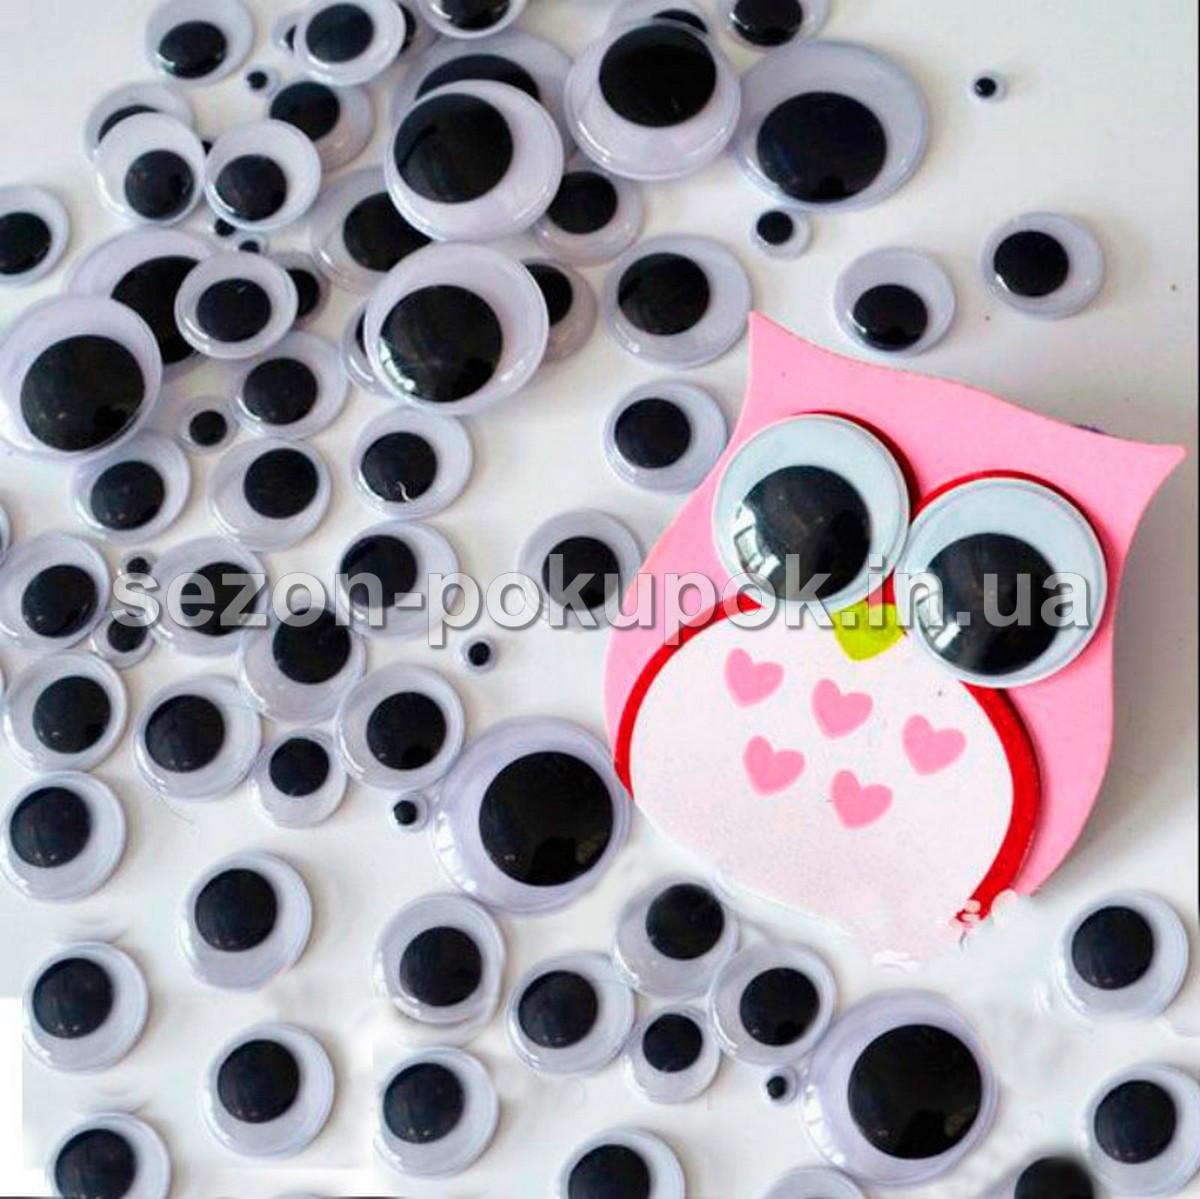 (20 грамм,d=30мм) Подвижные глазки для игрушек d=30мм (прим.24-28 глазок)